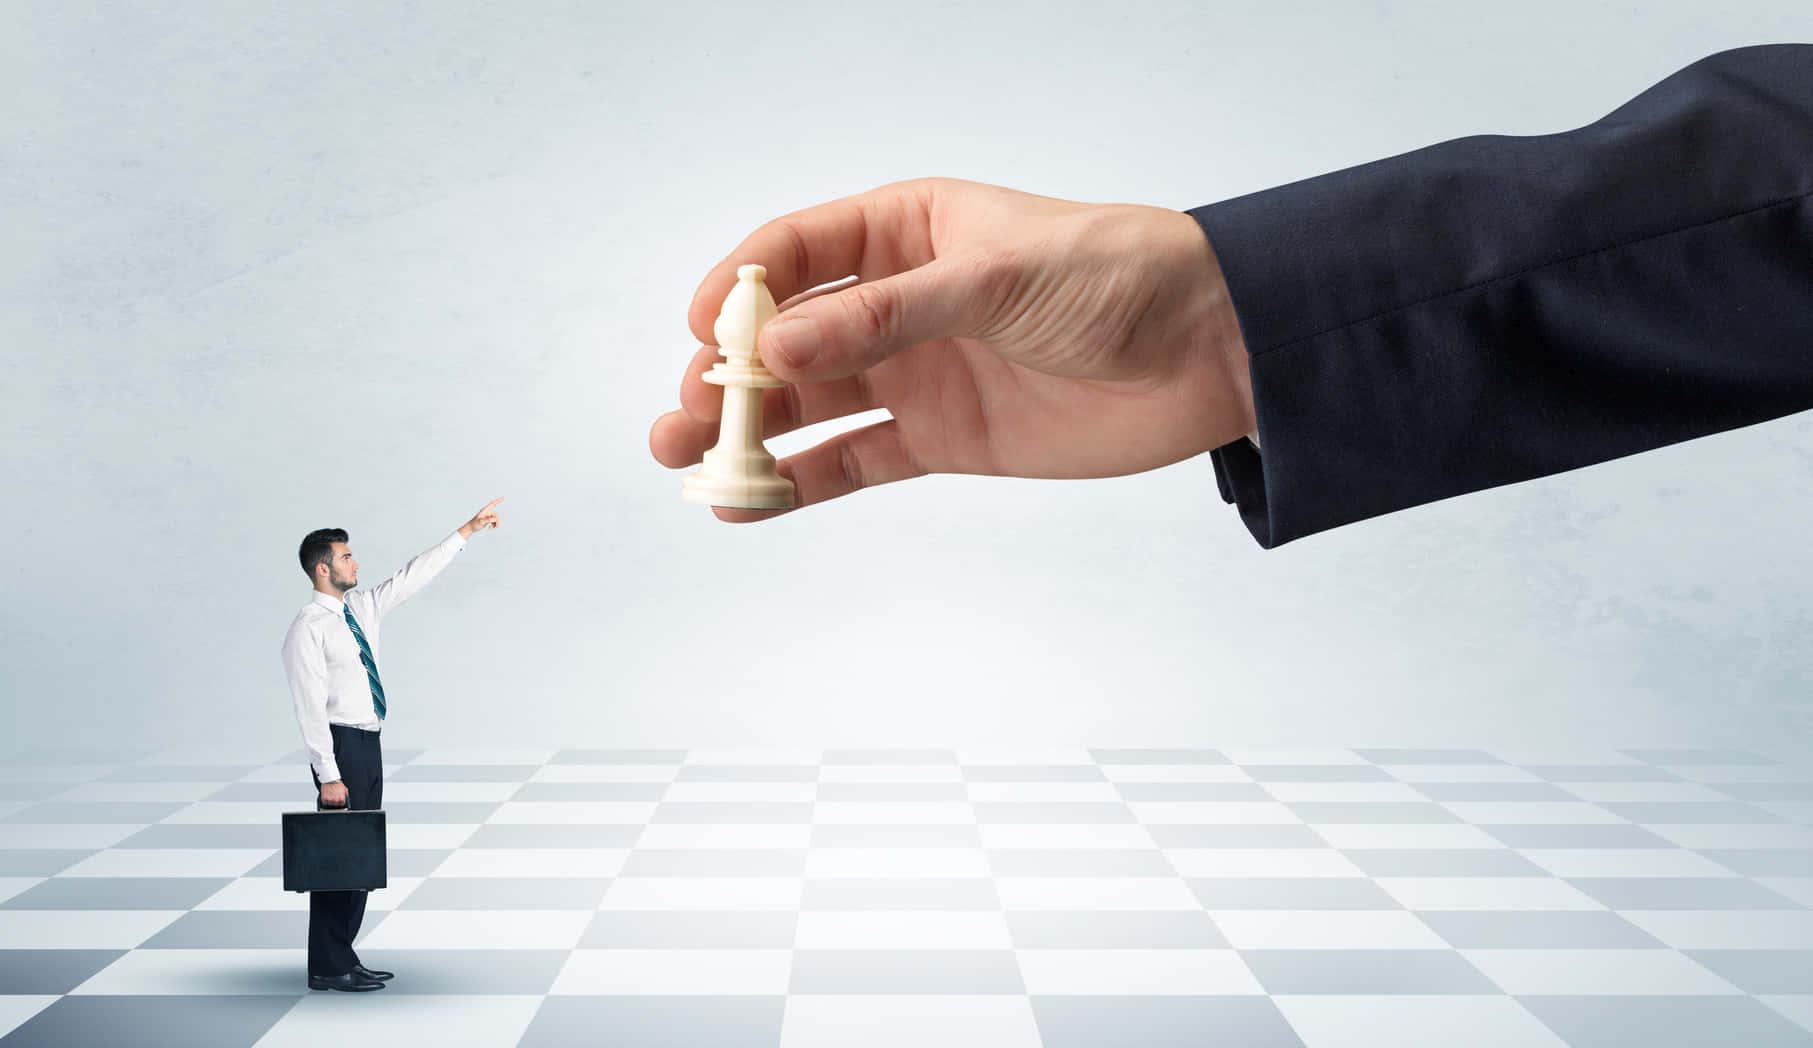 小型株効果とは?大型株より成績がよいというのは本当なのかを割安株効果と絡めてわかりやすく解説する。